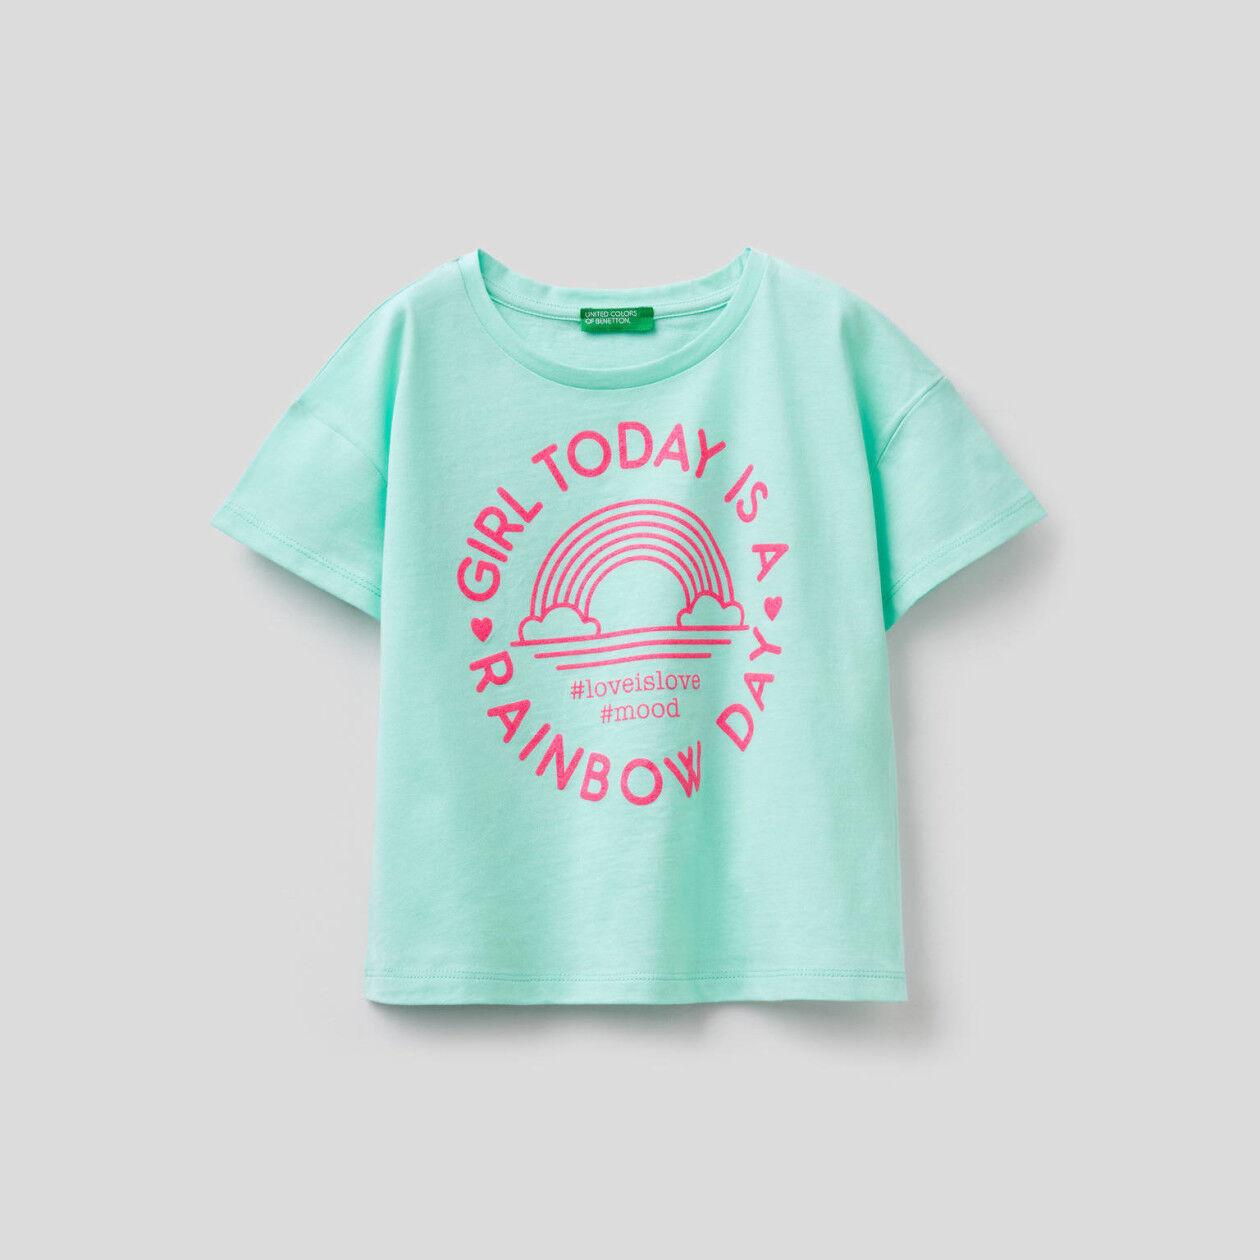 T-shirt boxy em algodão puro